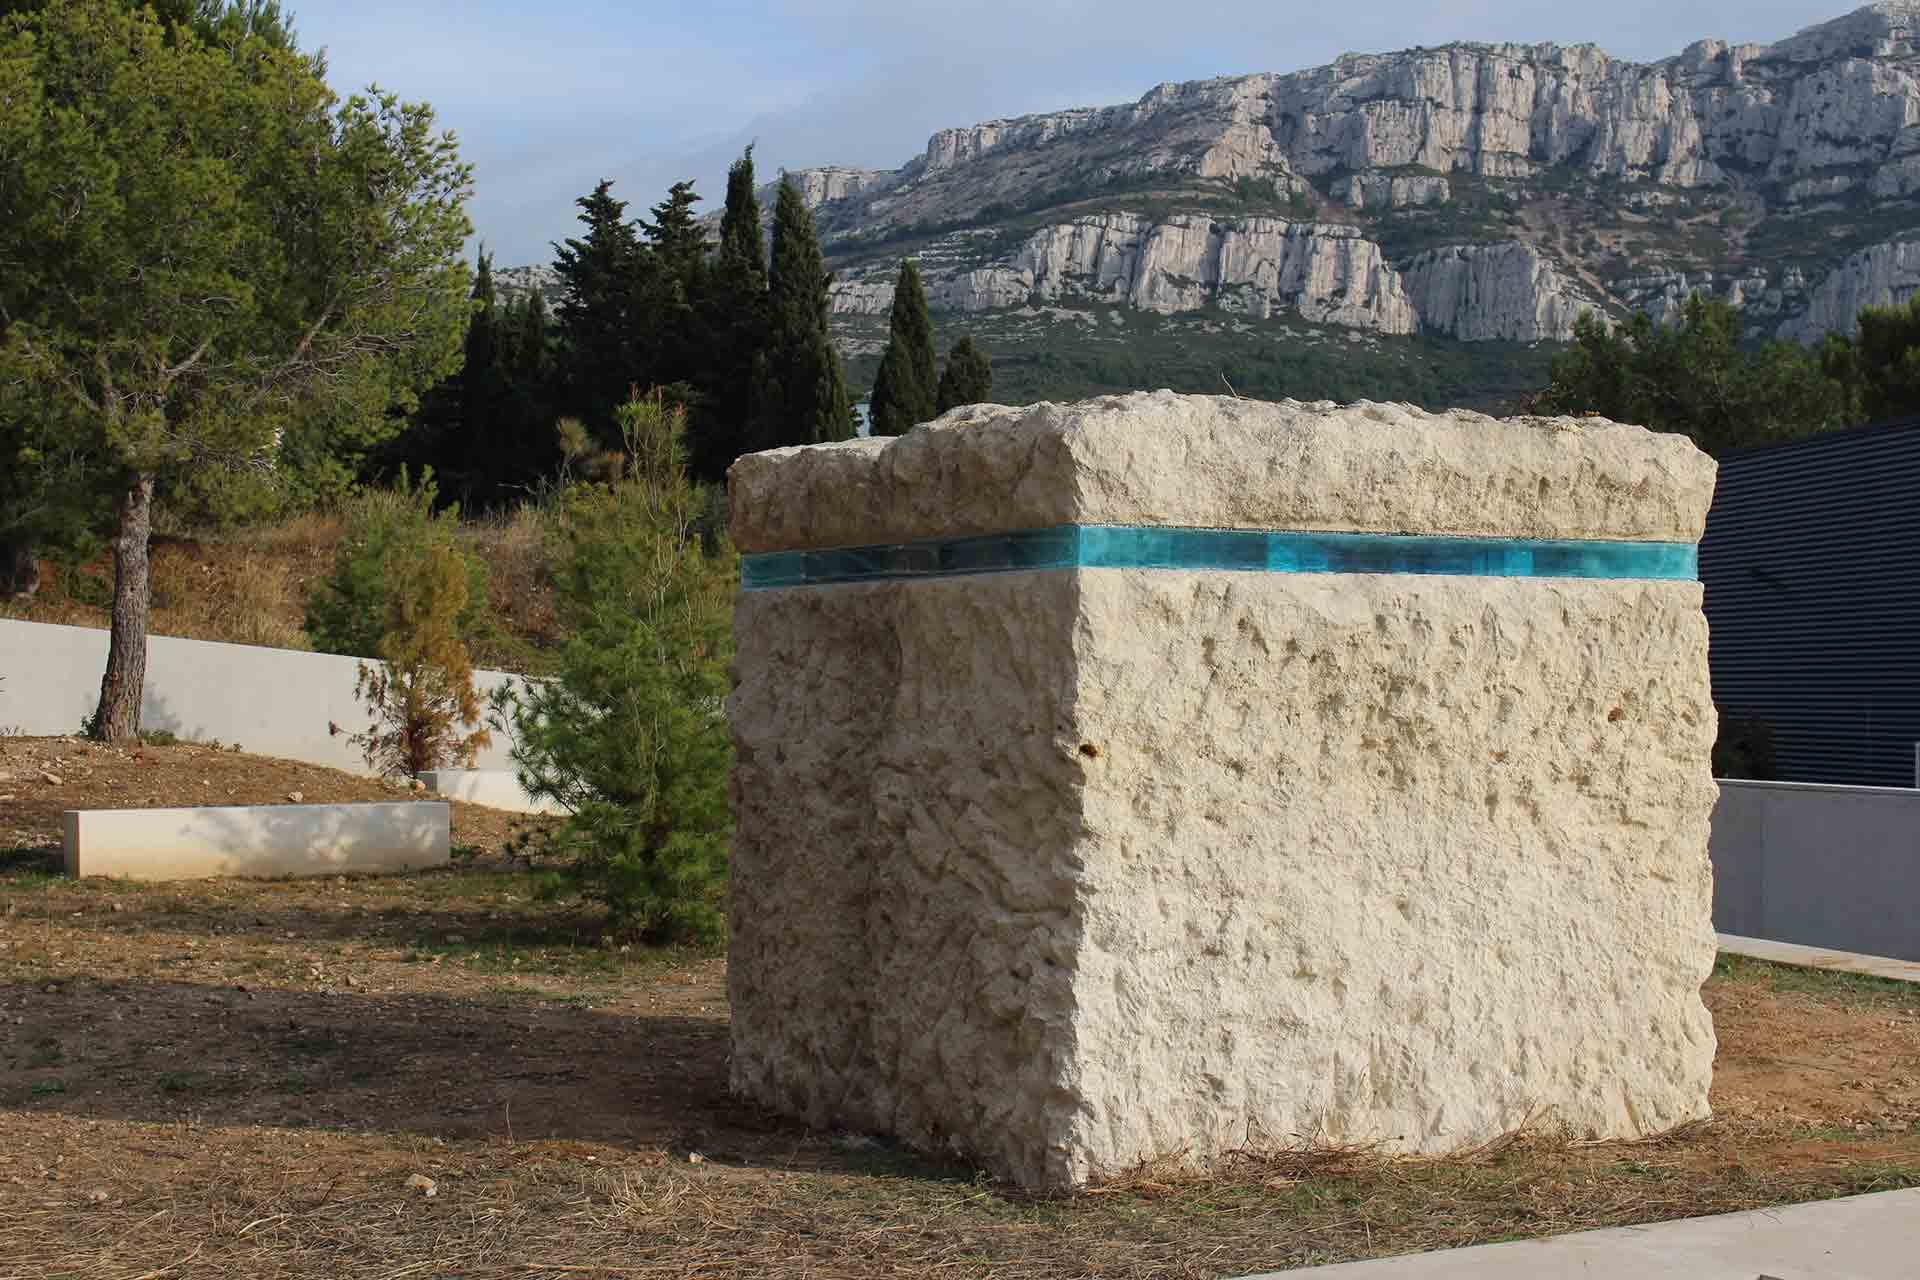 Blocs de verre pour incrustation dans la roche d'une sculpture à Marseille Maitre Verrier Olivier Juteau